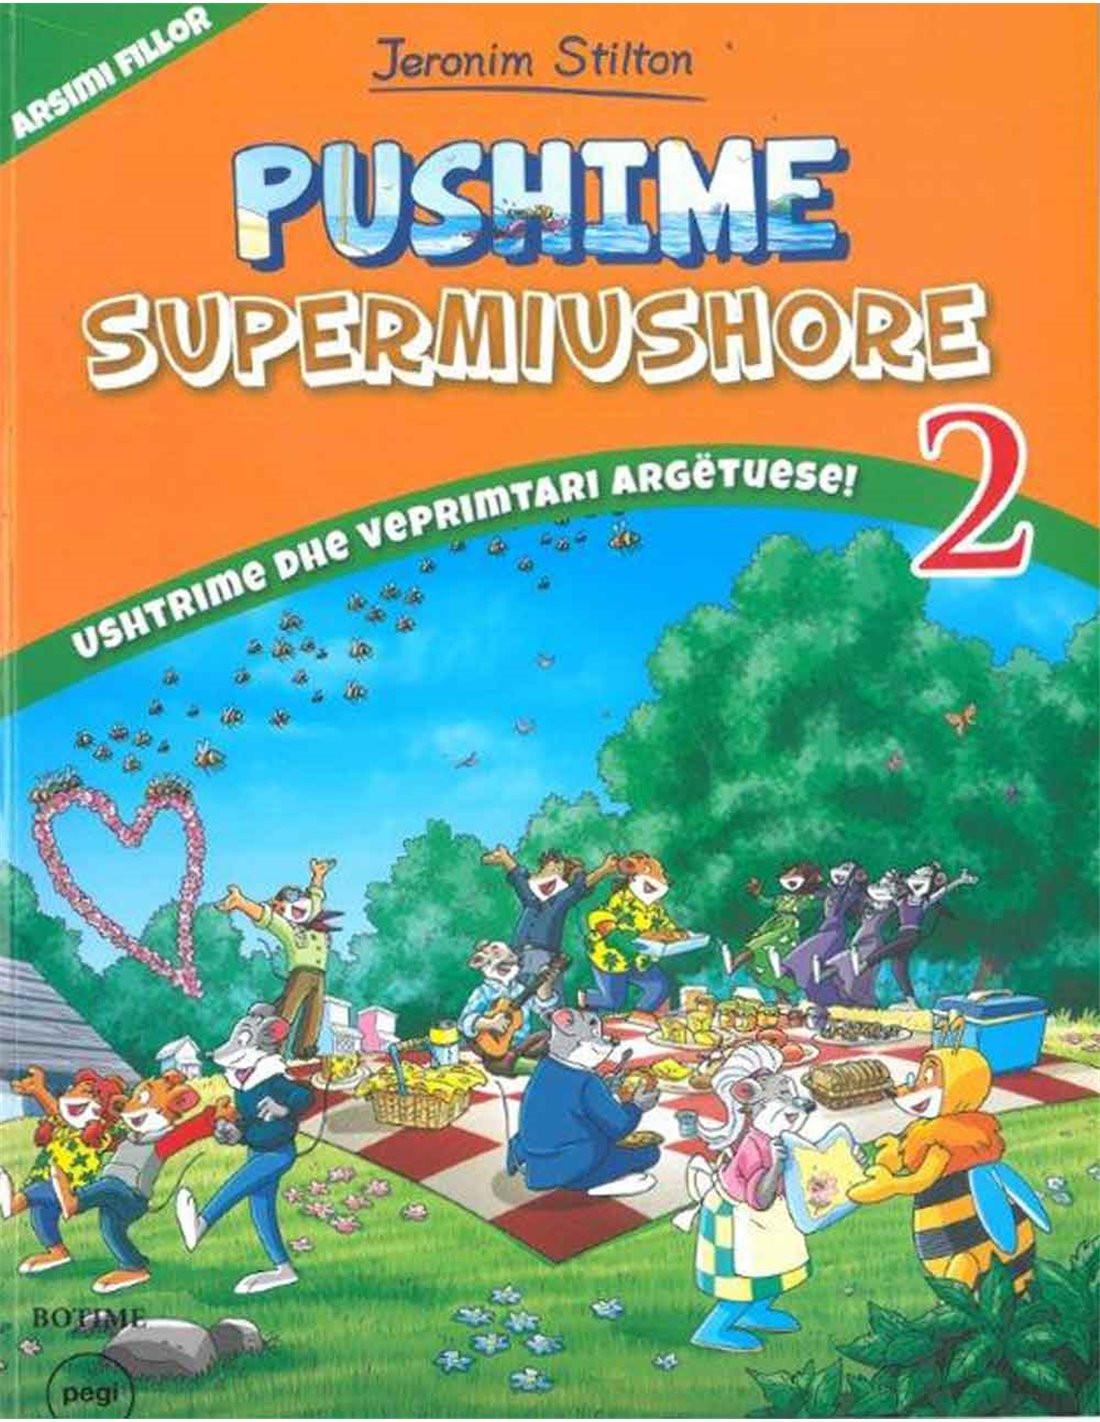 Pushime supermiushore 2